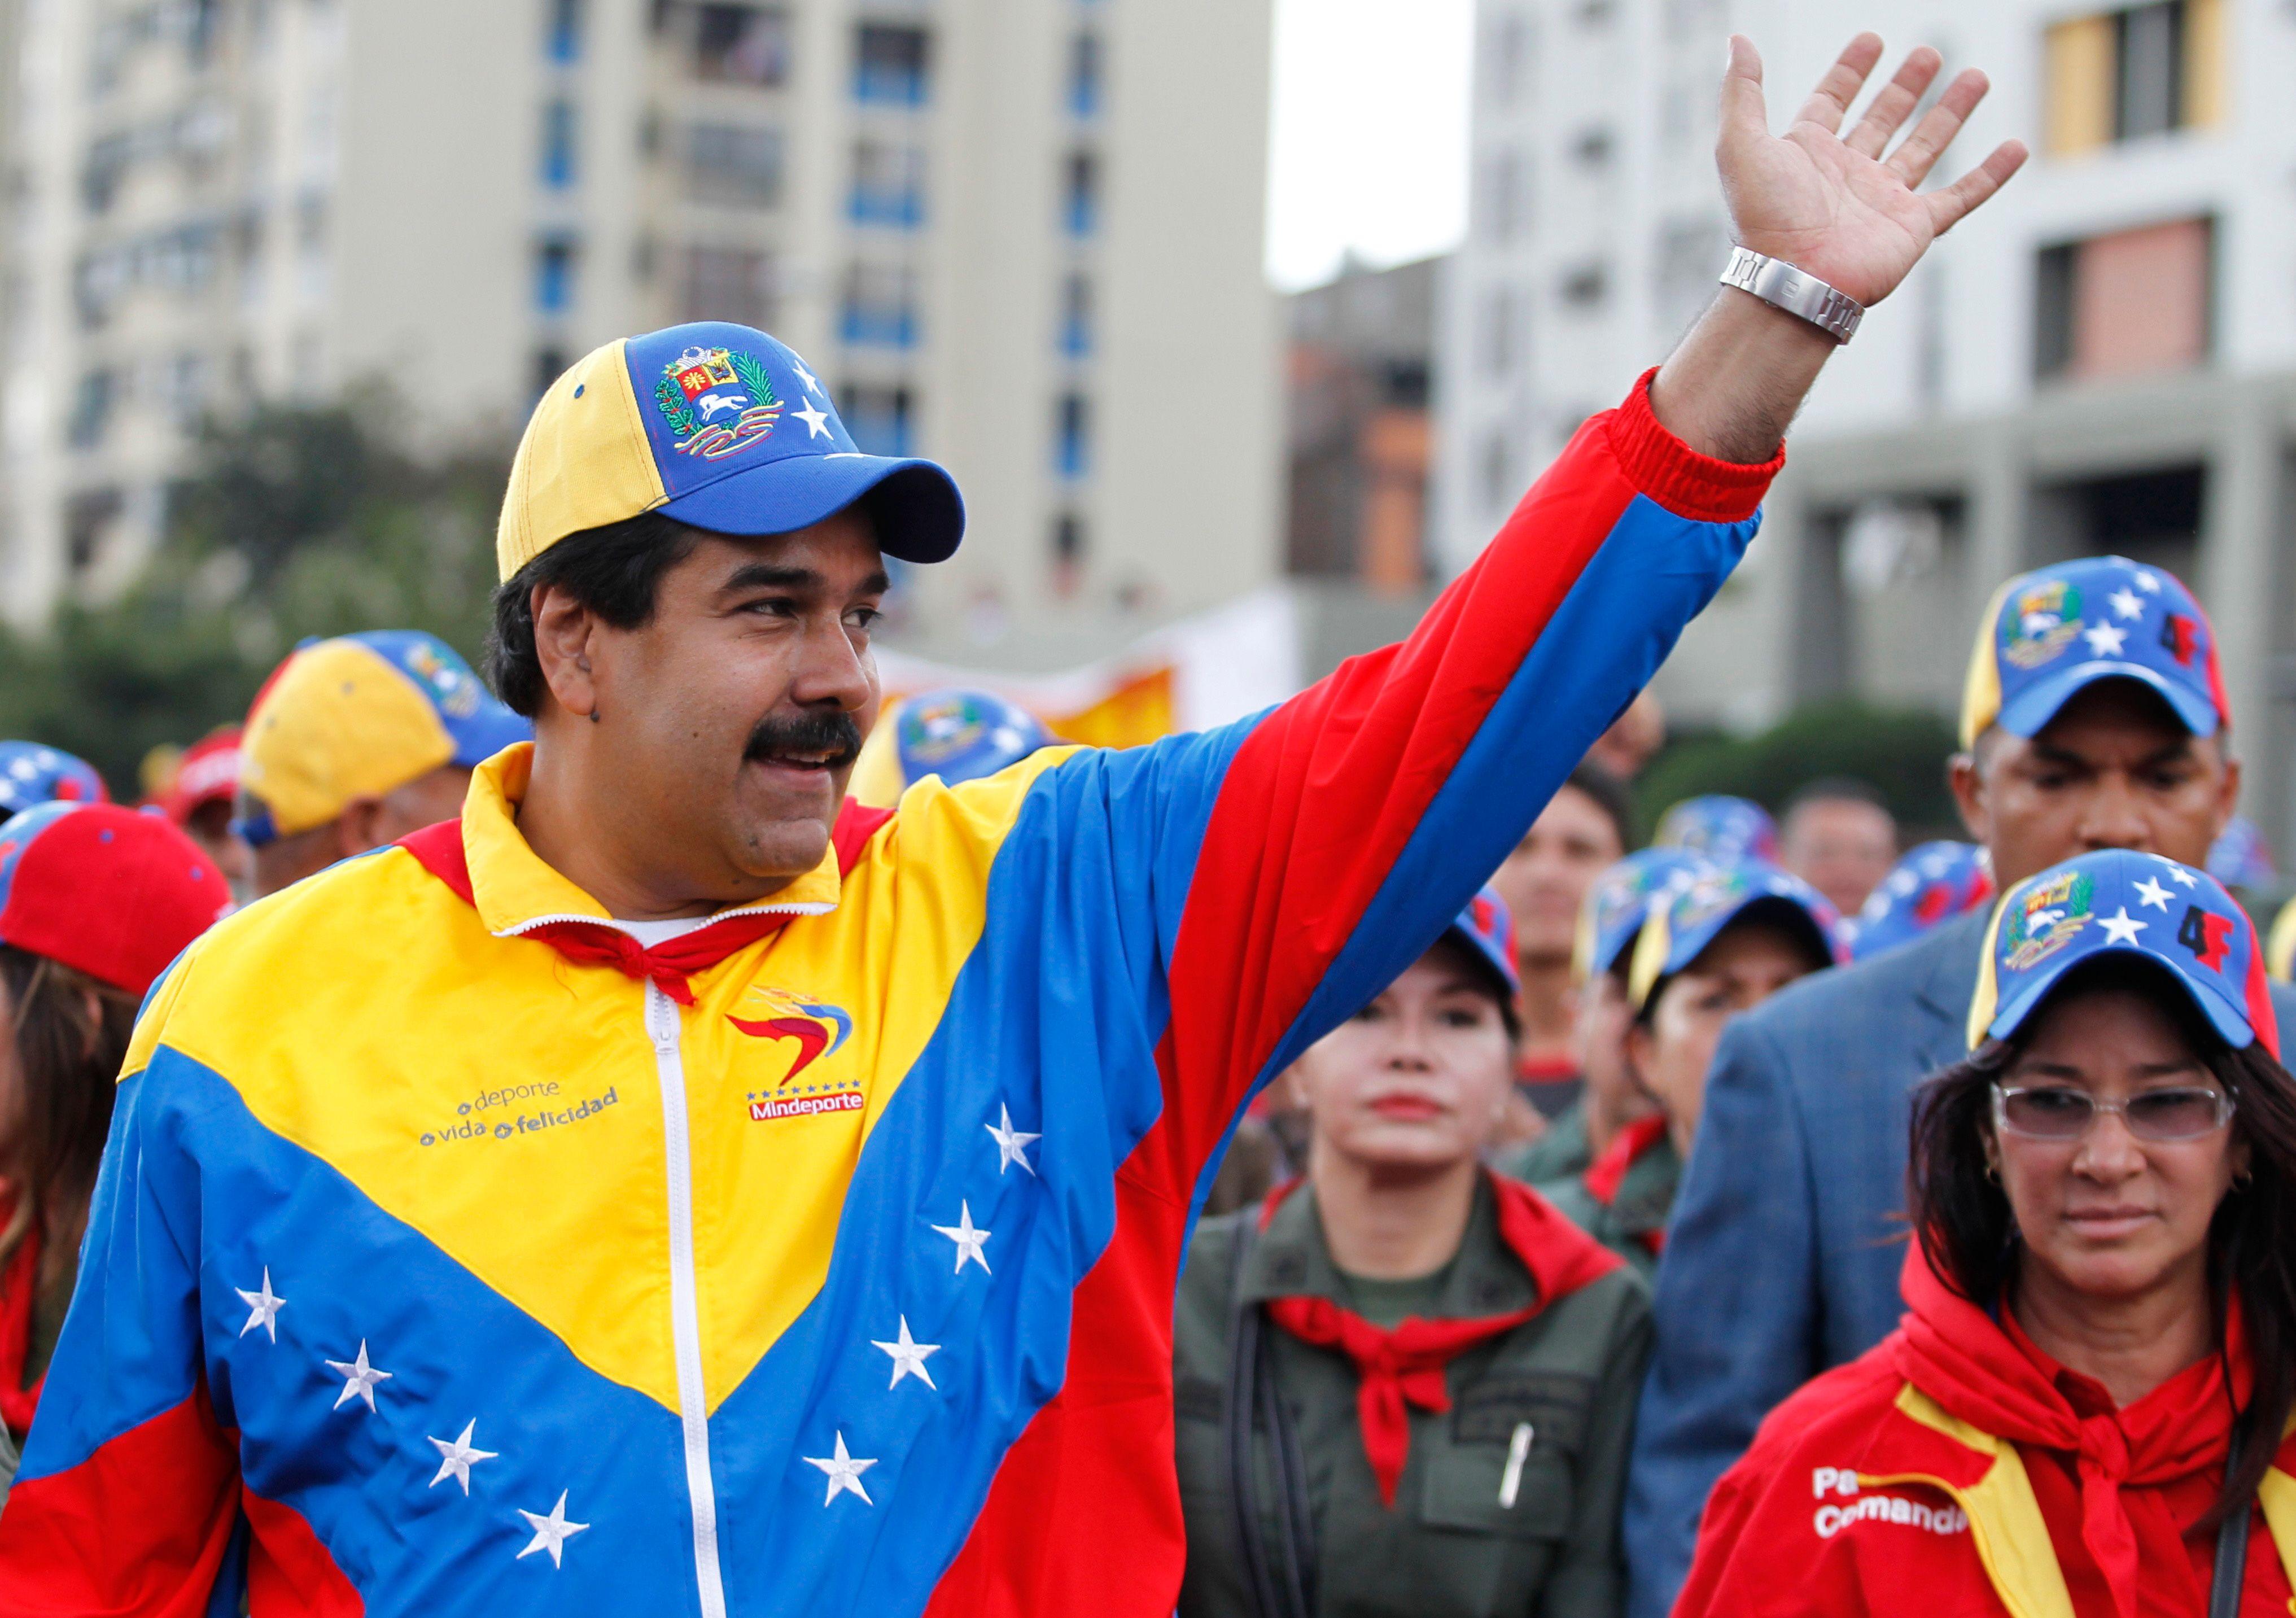 Venezuela : panne de courant au Parlement pendant un débat sur l'électricité